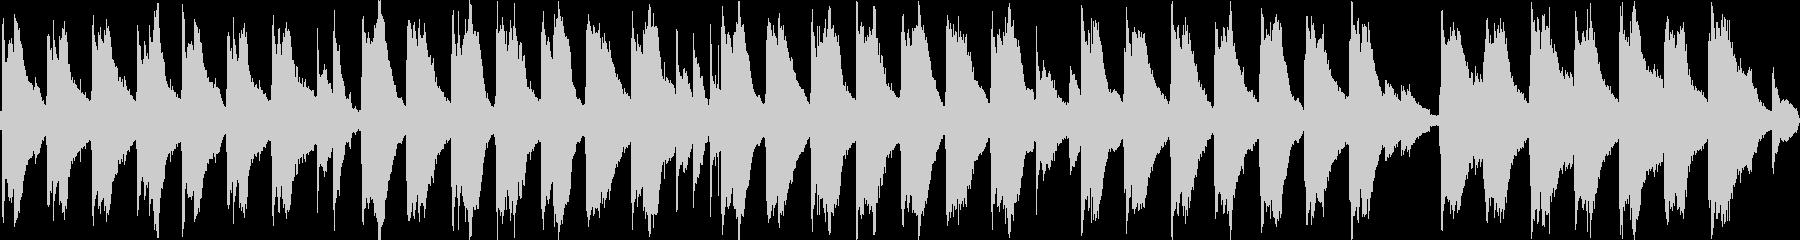 切ない雰囲気のアコギのアルペジオの未再生の波形